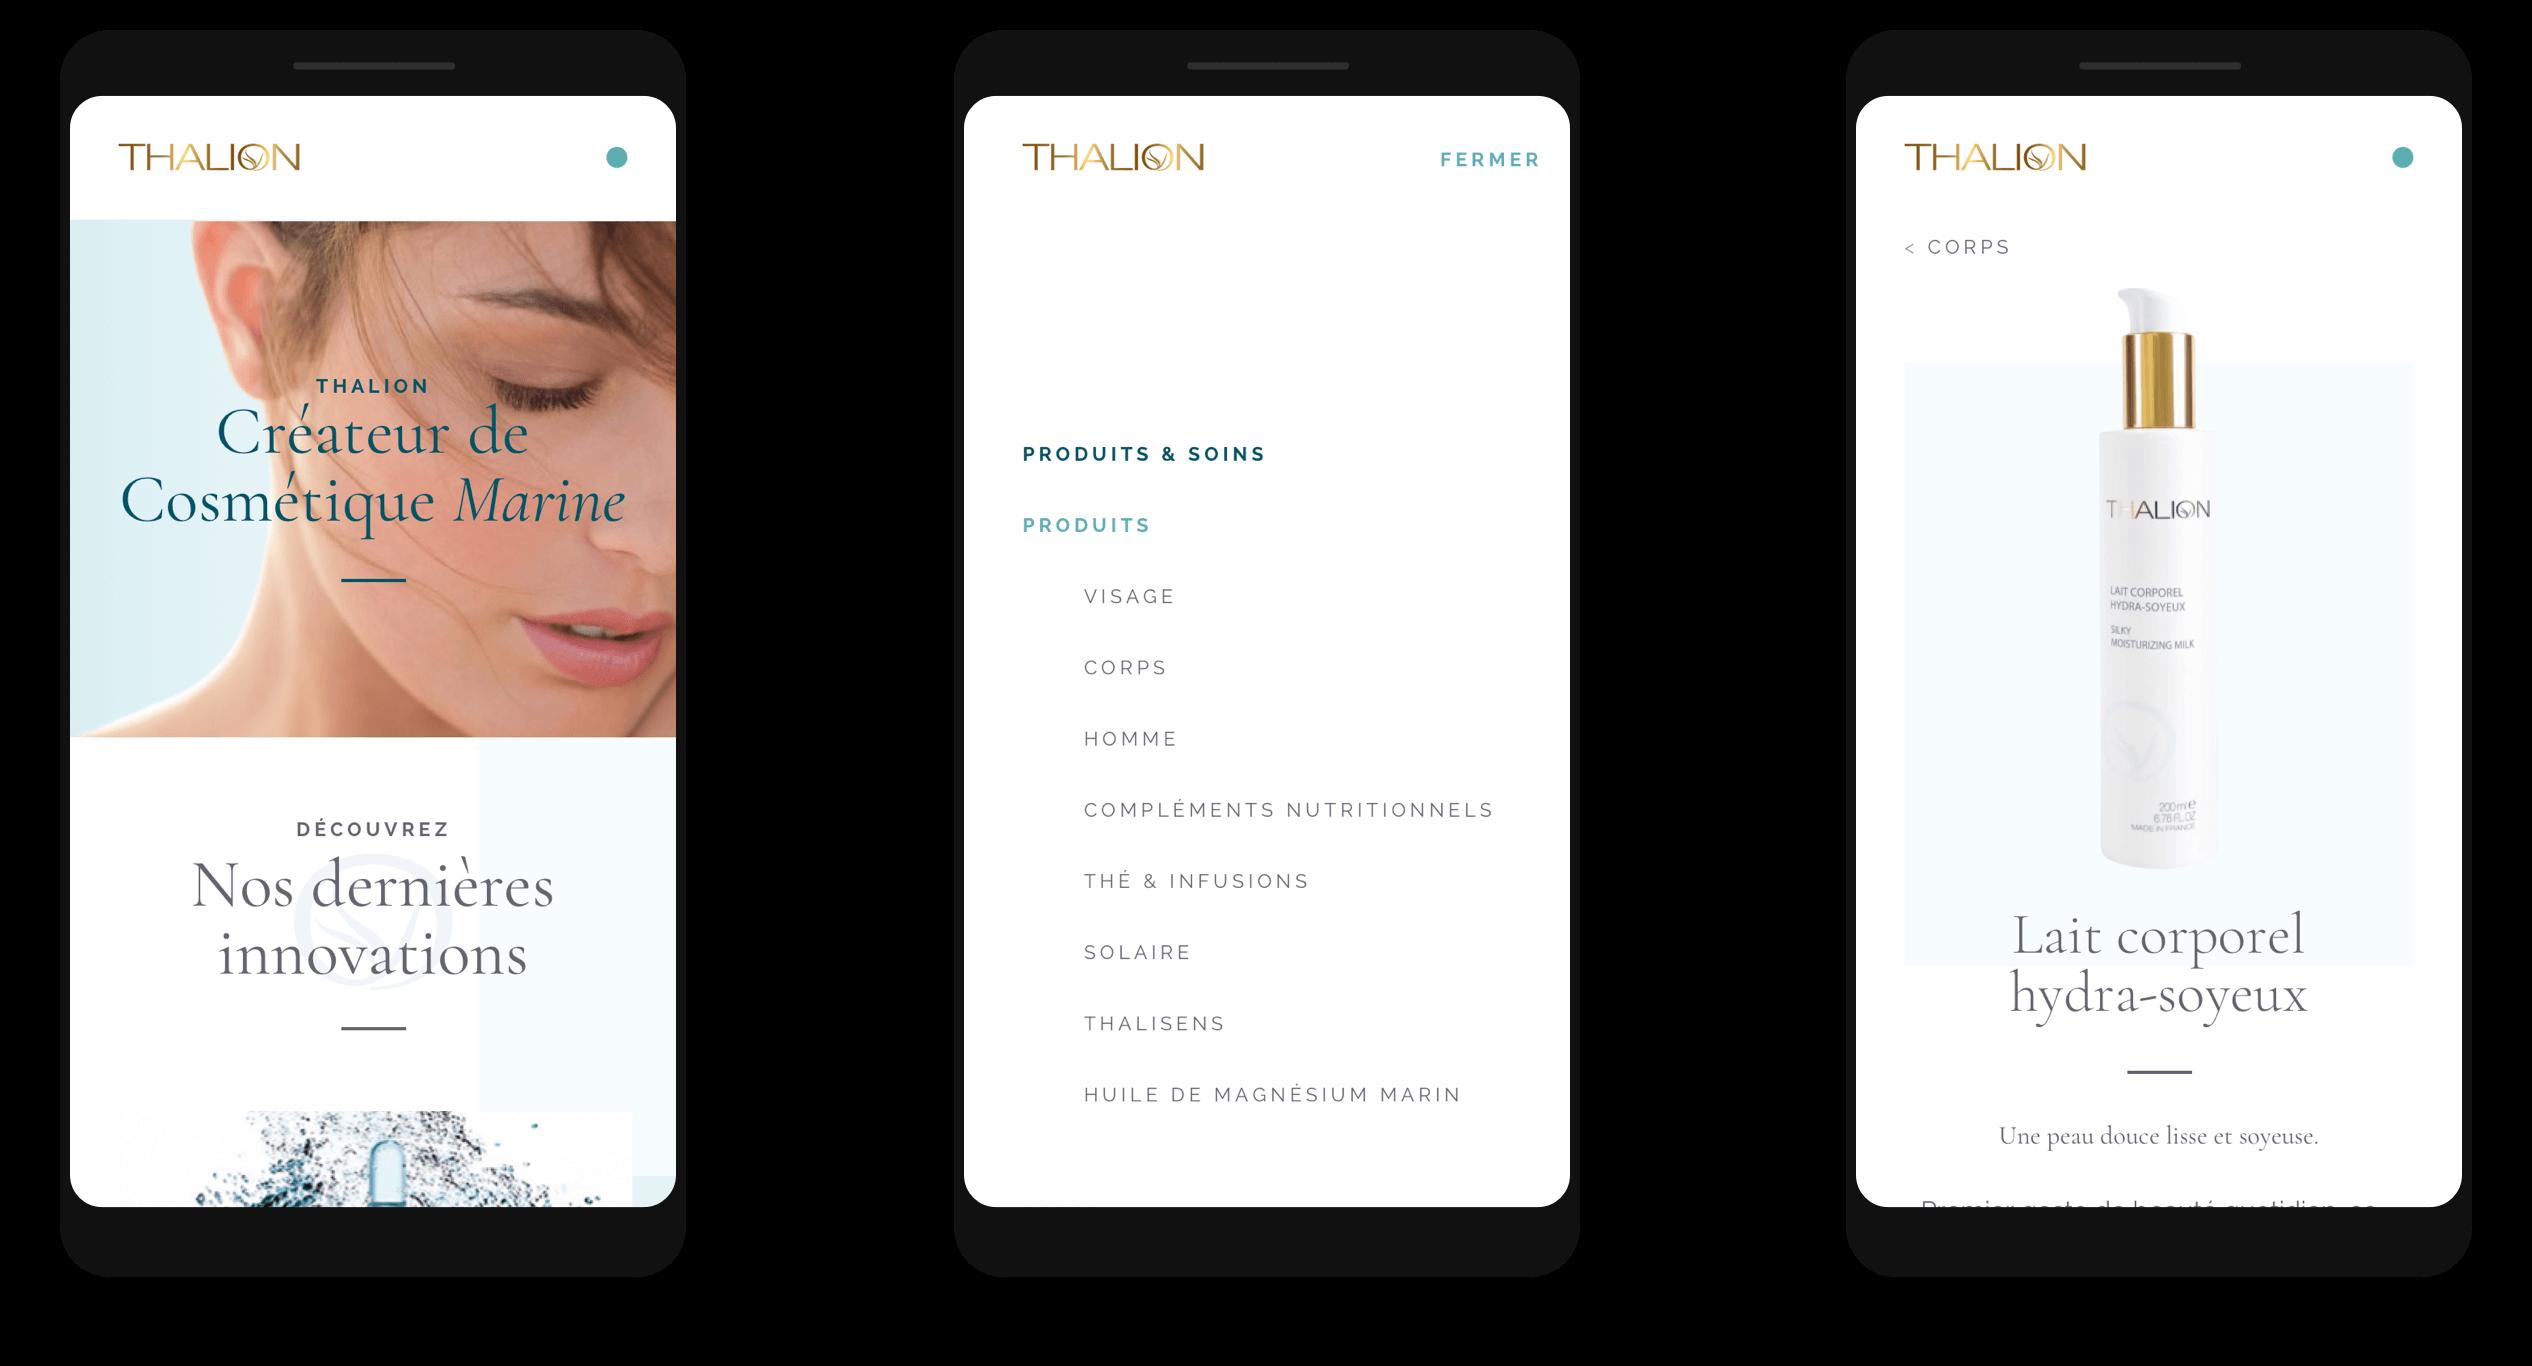 Versions mobiles du site thalion